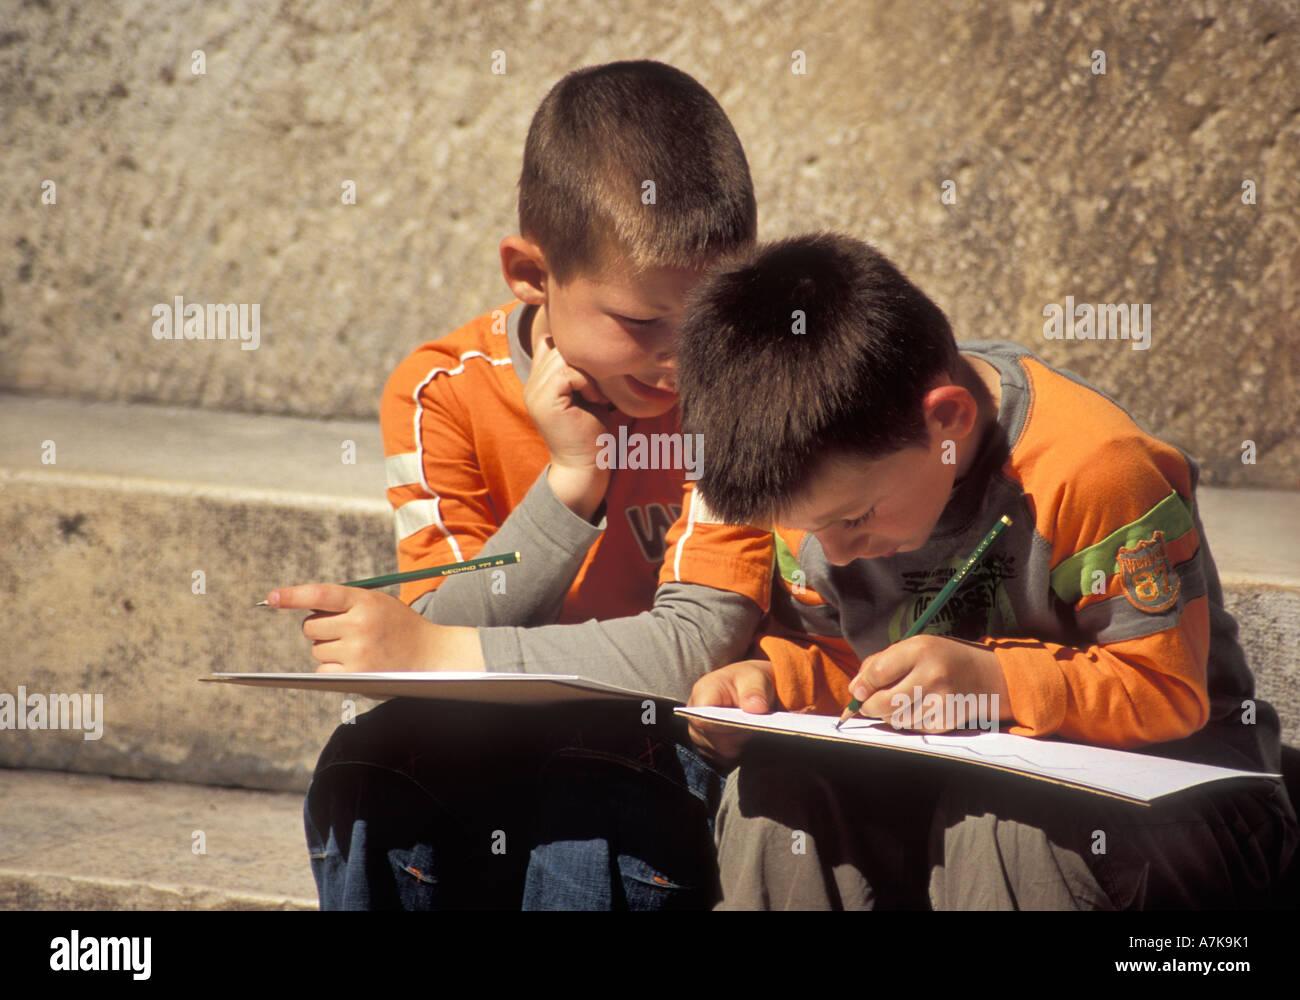 Boys on a school field trip in Split, Croatia, April 2005 - Stock Image